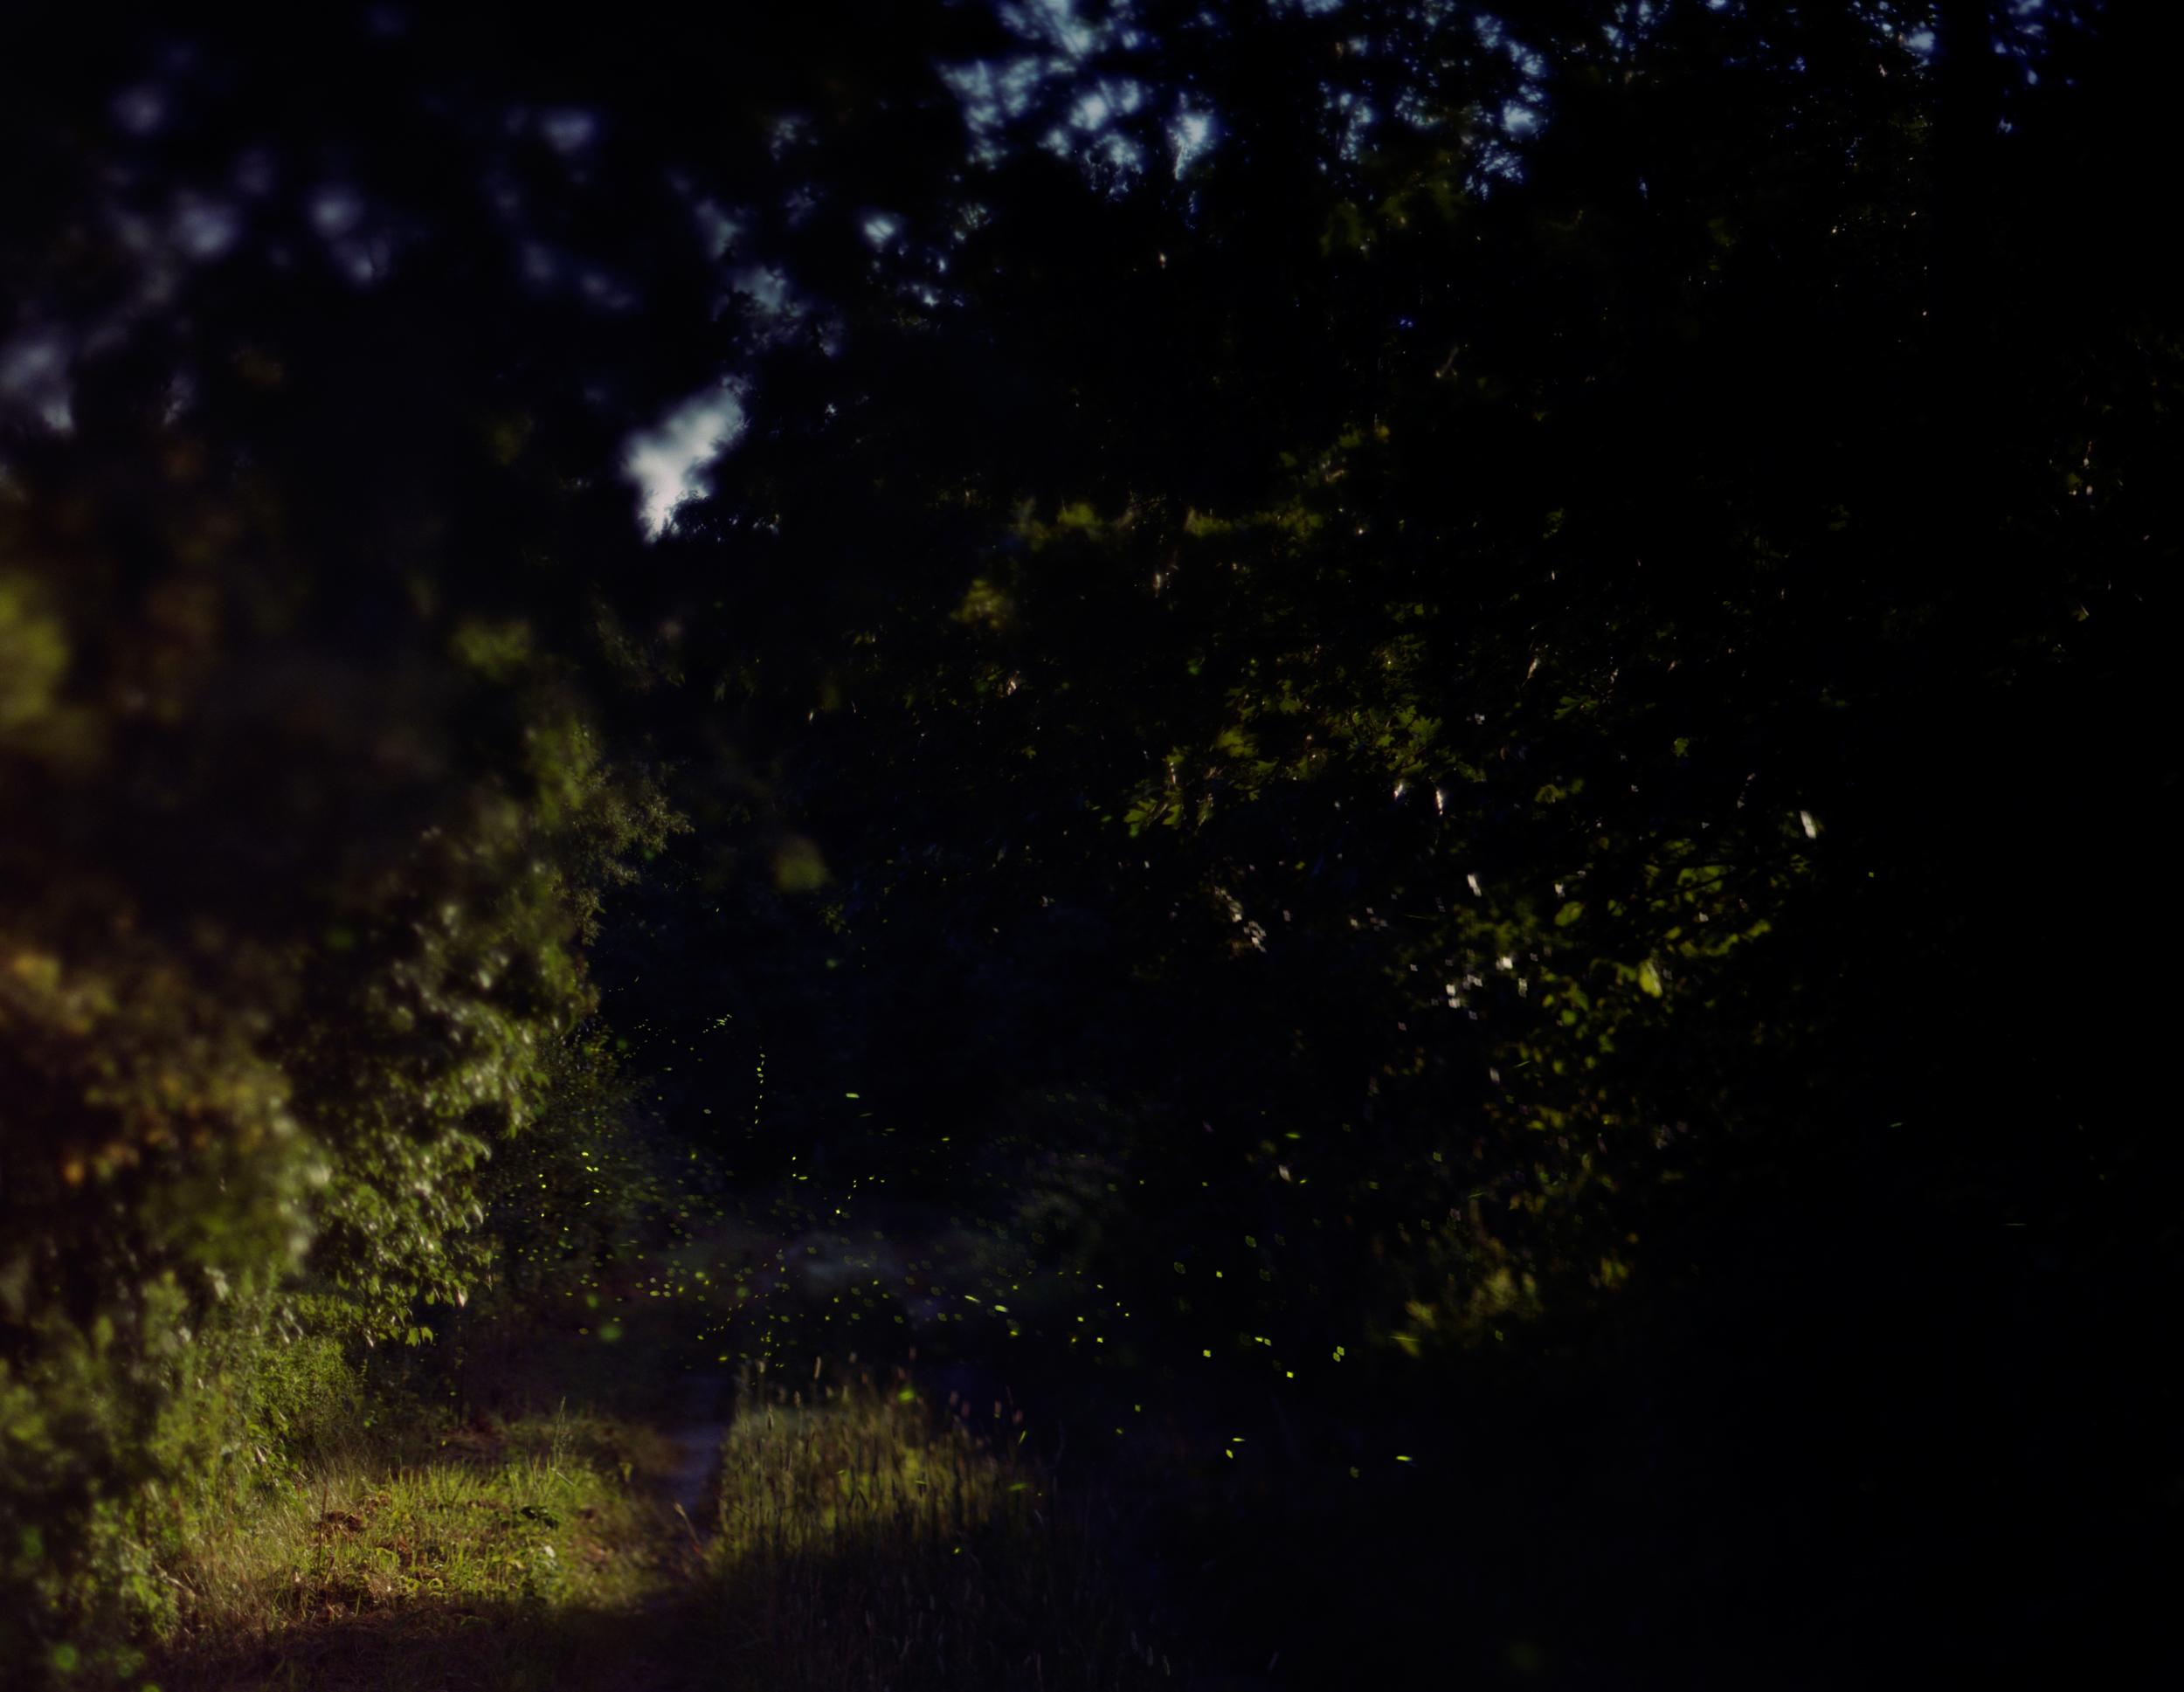 07-92 Fireflies, full.jpg